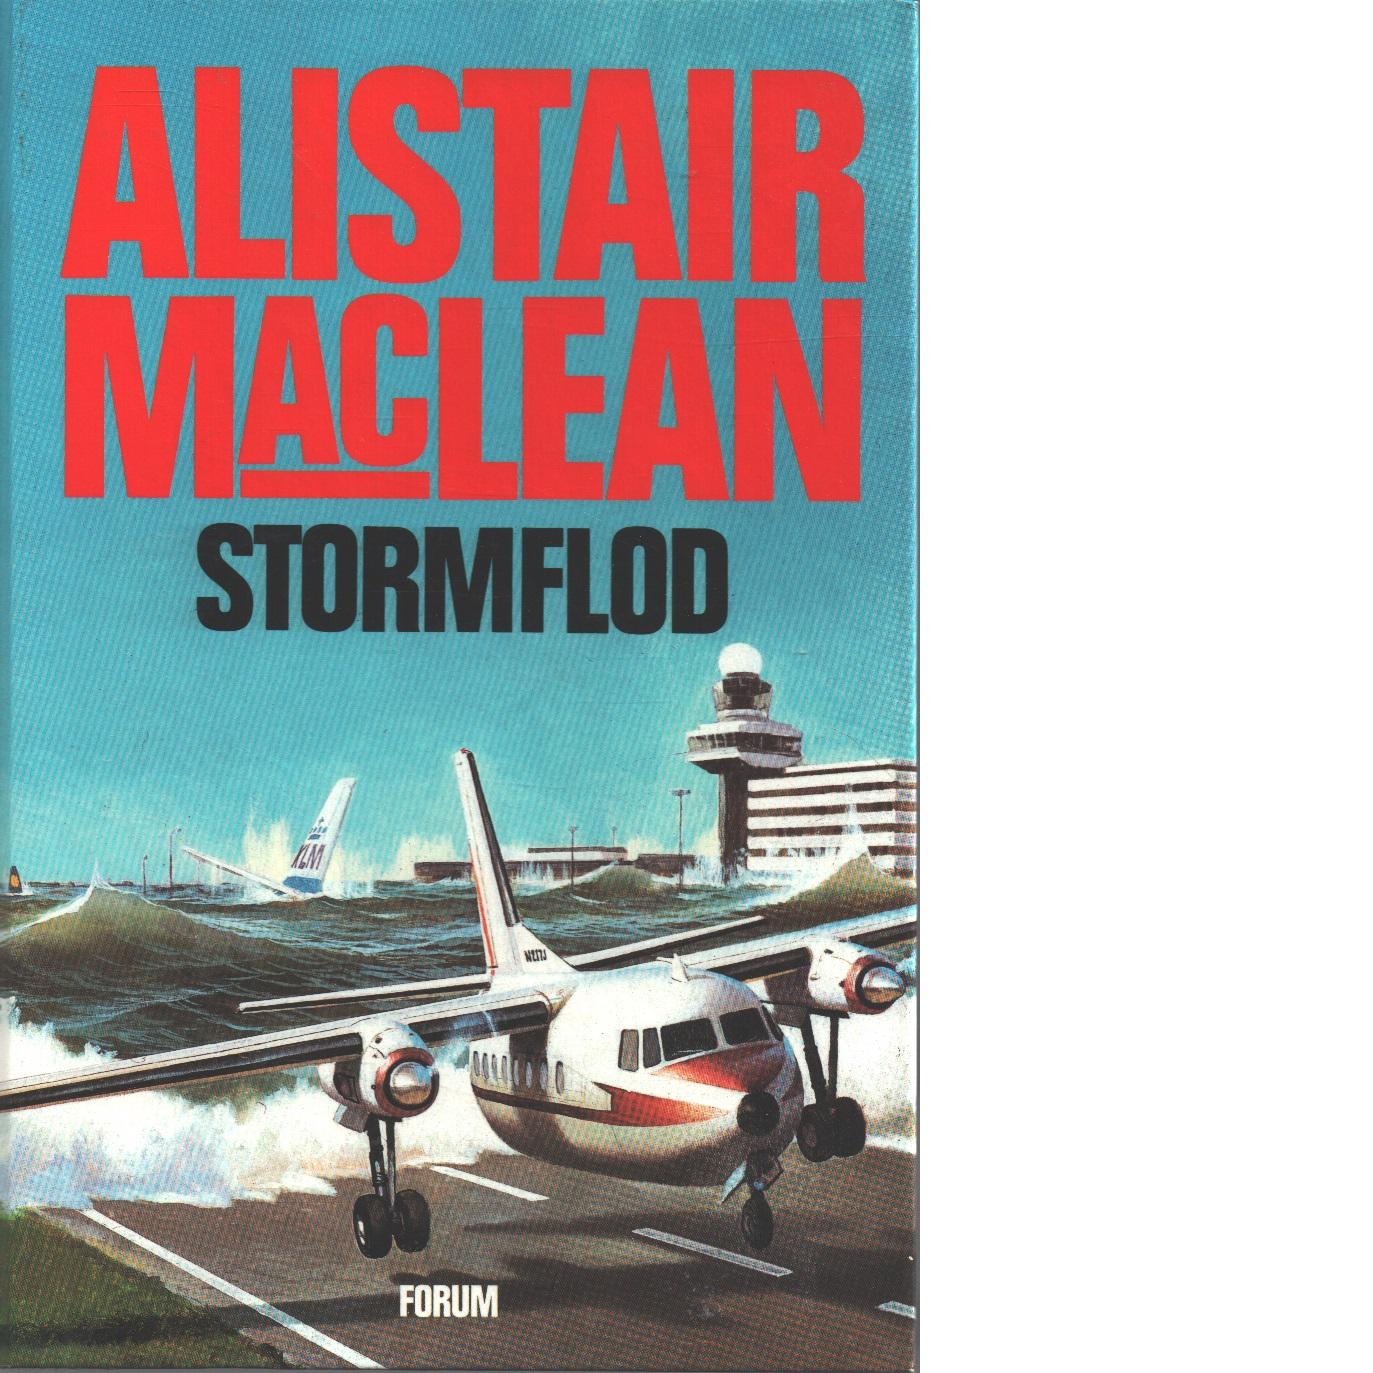 Stormflod - MacLean, Alistair